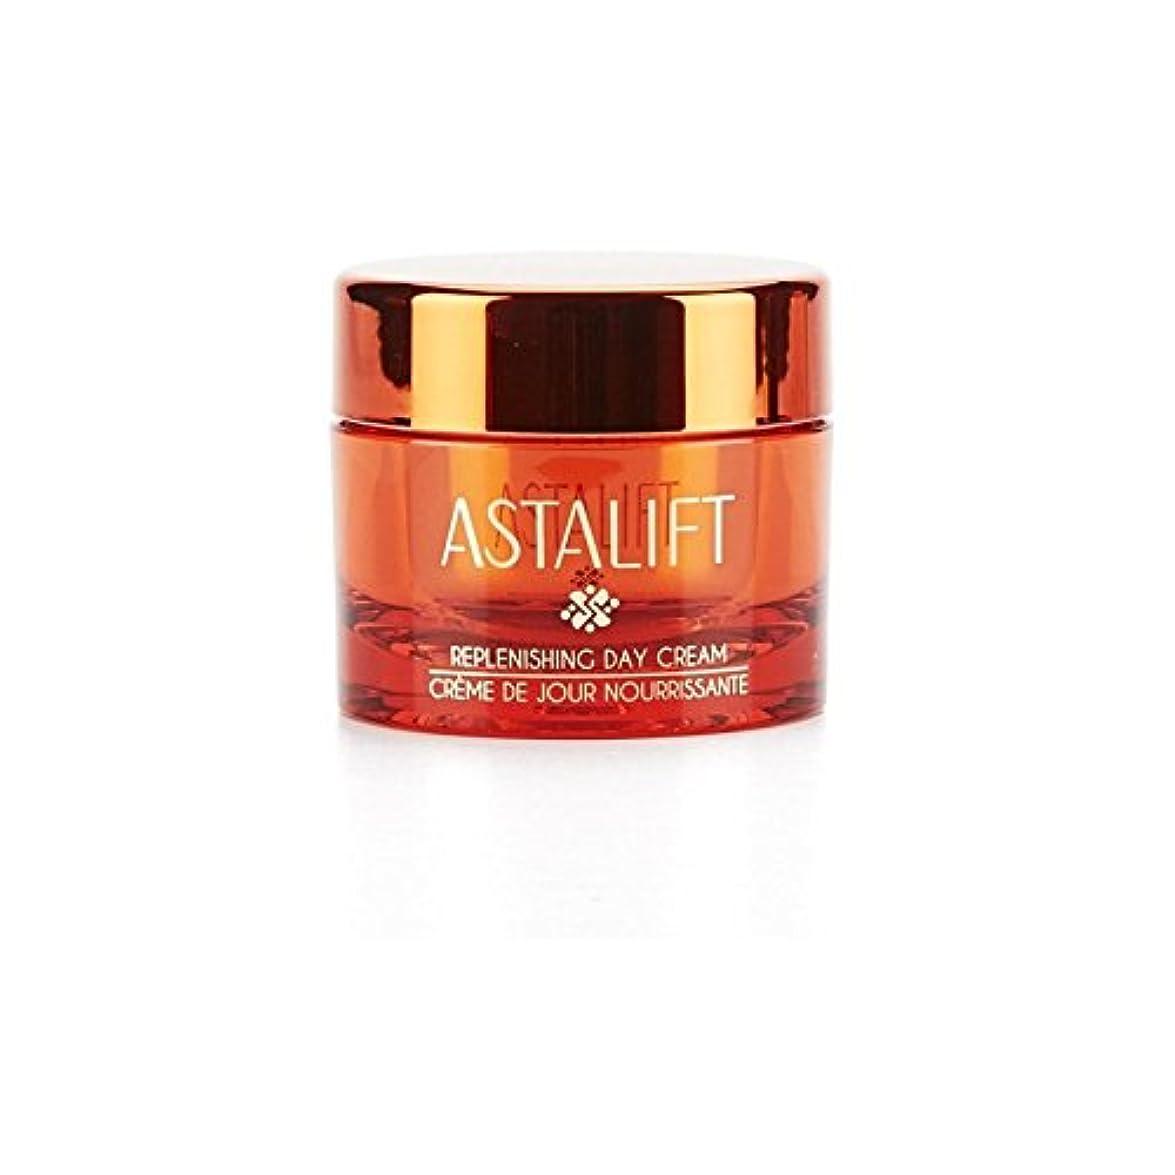 先生曖昧な絶縁するアスタリフト補充デイクリーム(30グラム) x4 - Astalift Replenishing Day Cream (30G) (Pack of 4) [並行輸入品]